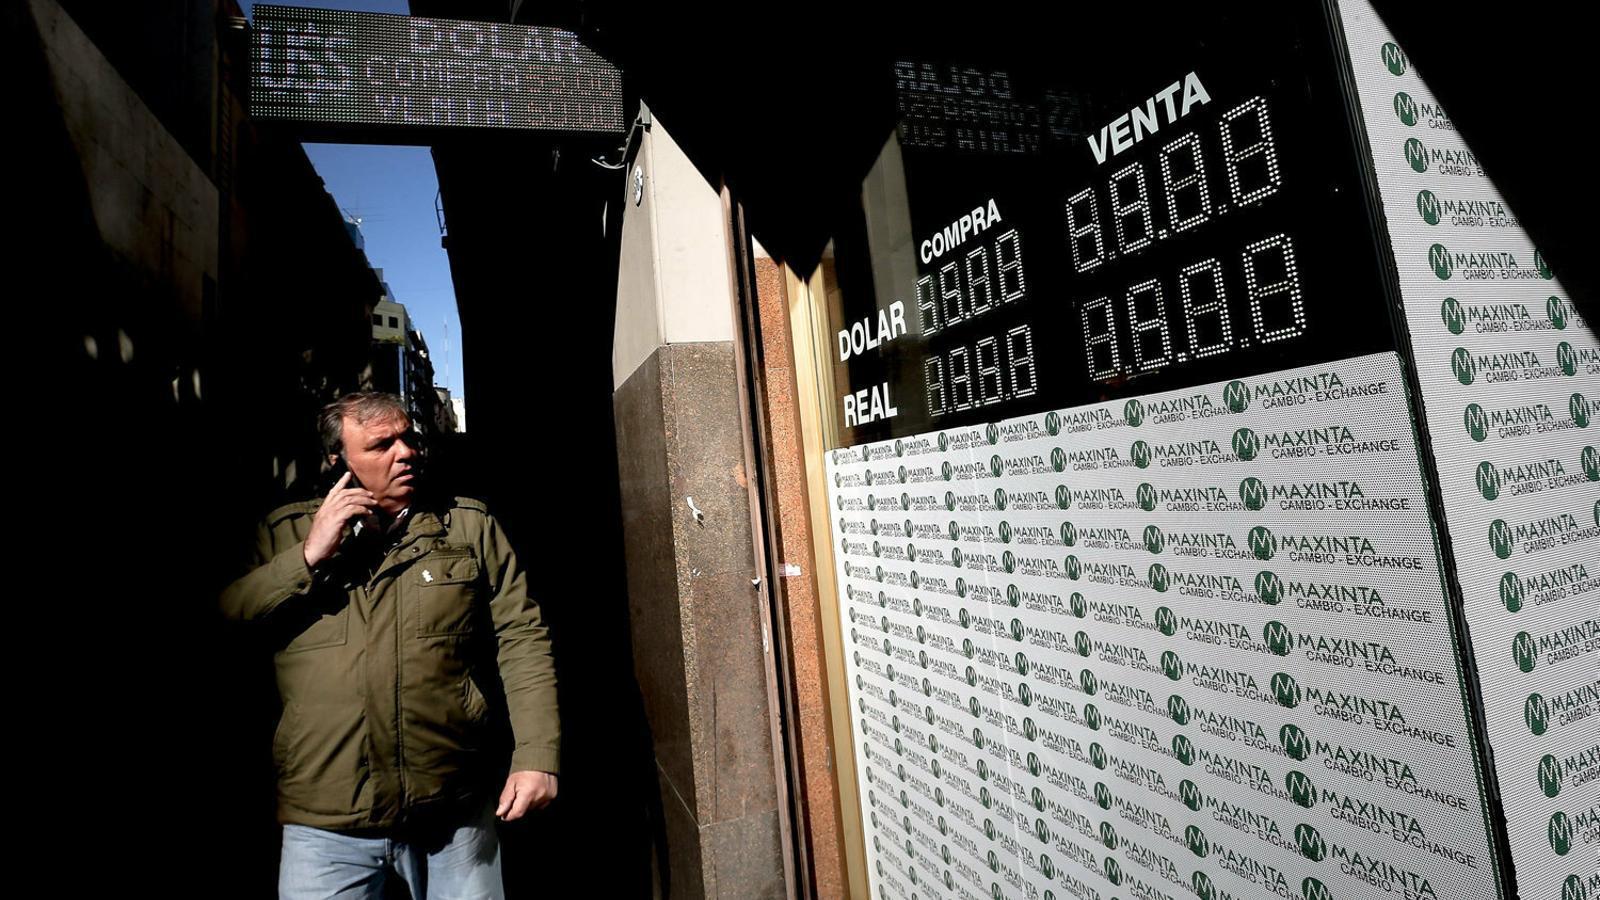 Un vianant observant els cartells que informen del canvi del peso enfront del dòlar després de dues jornades de fortes caigudes, ahir, a Buenos Aires.